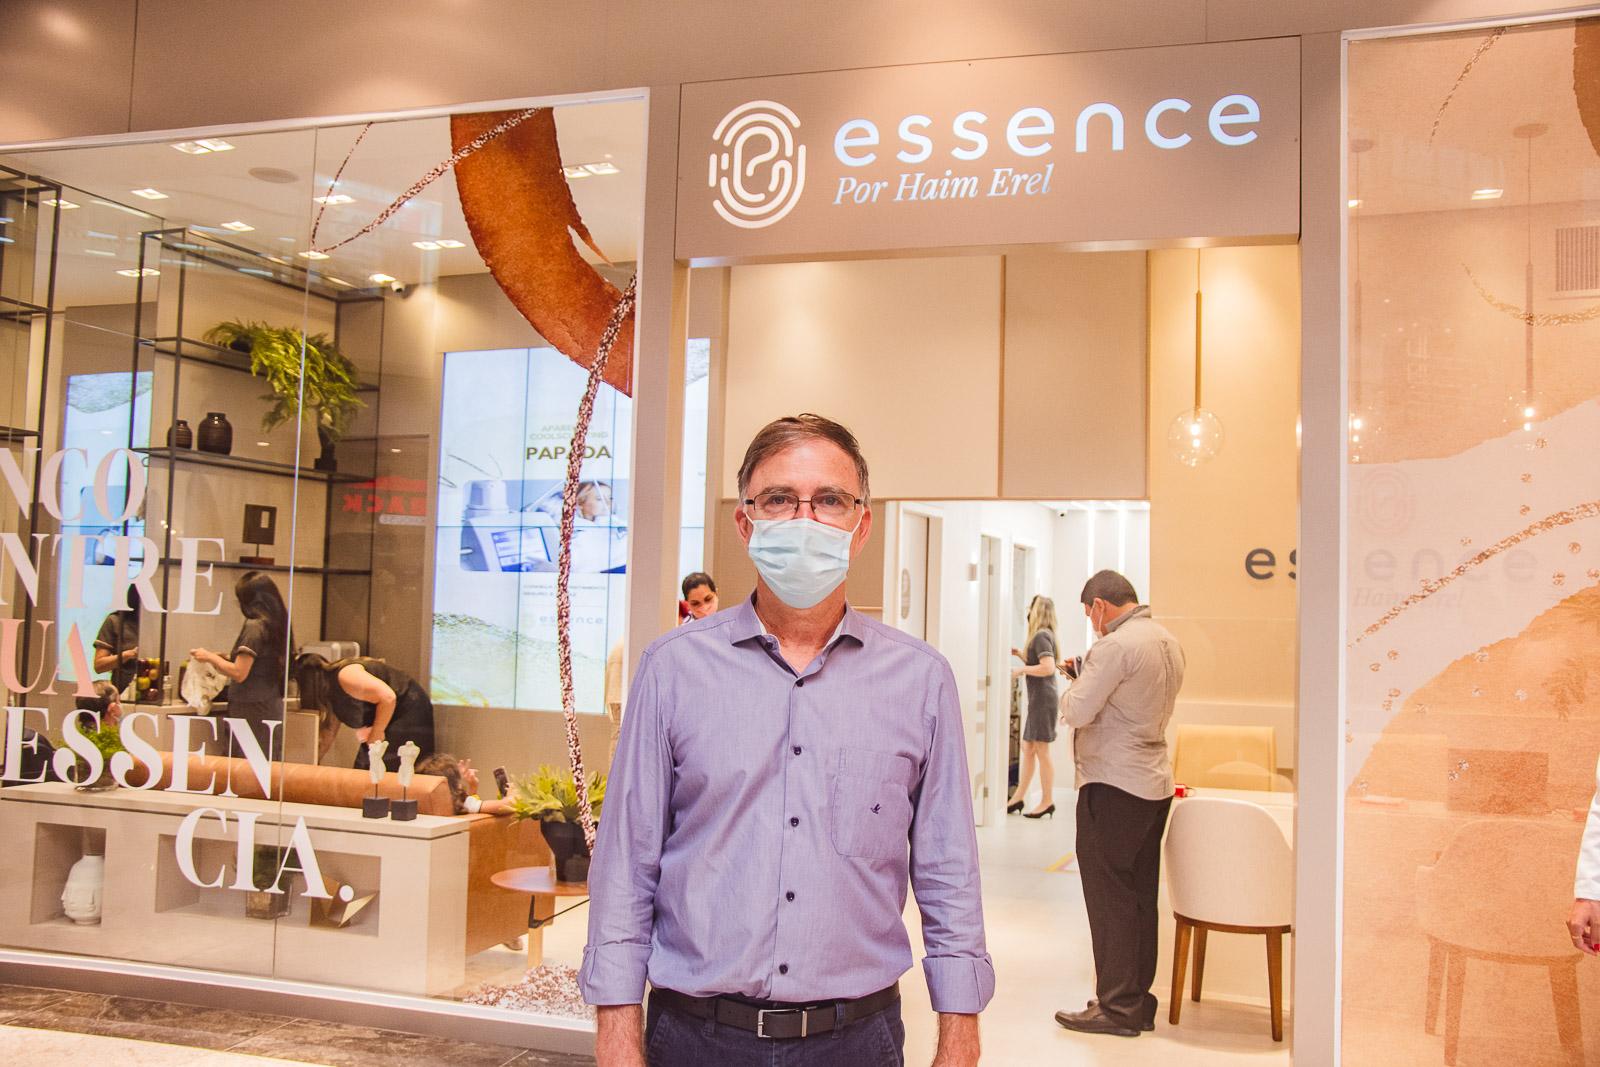 Haim Erel inaugura espaço dedicado a saúde e bem-estar no Shopping Iguatemi